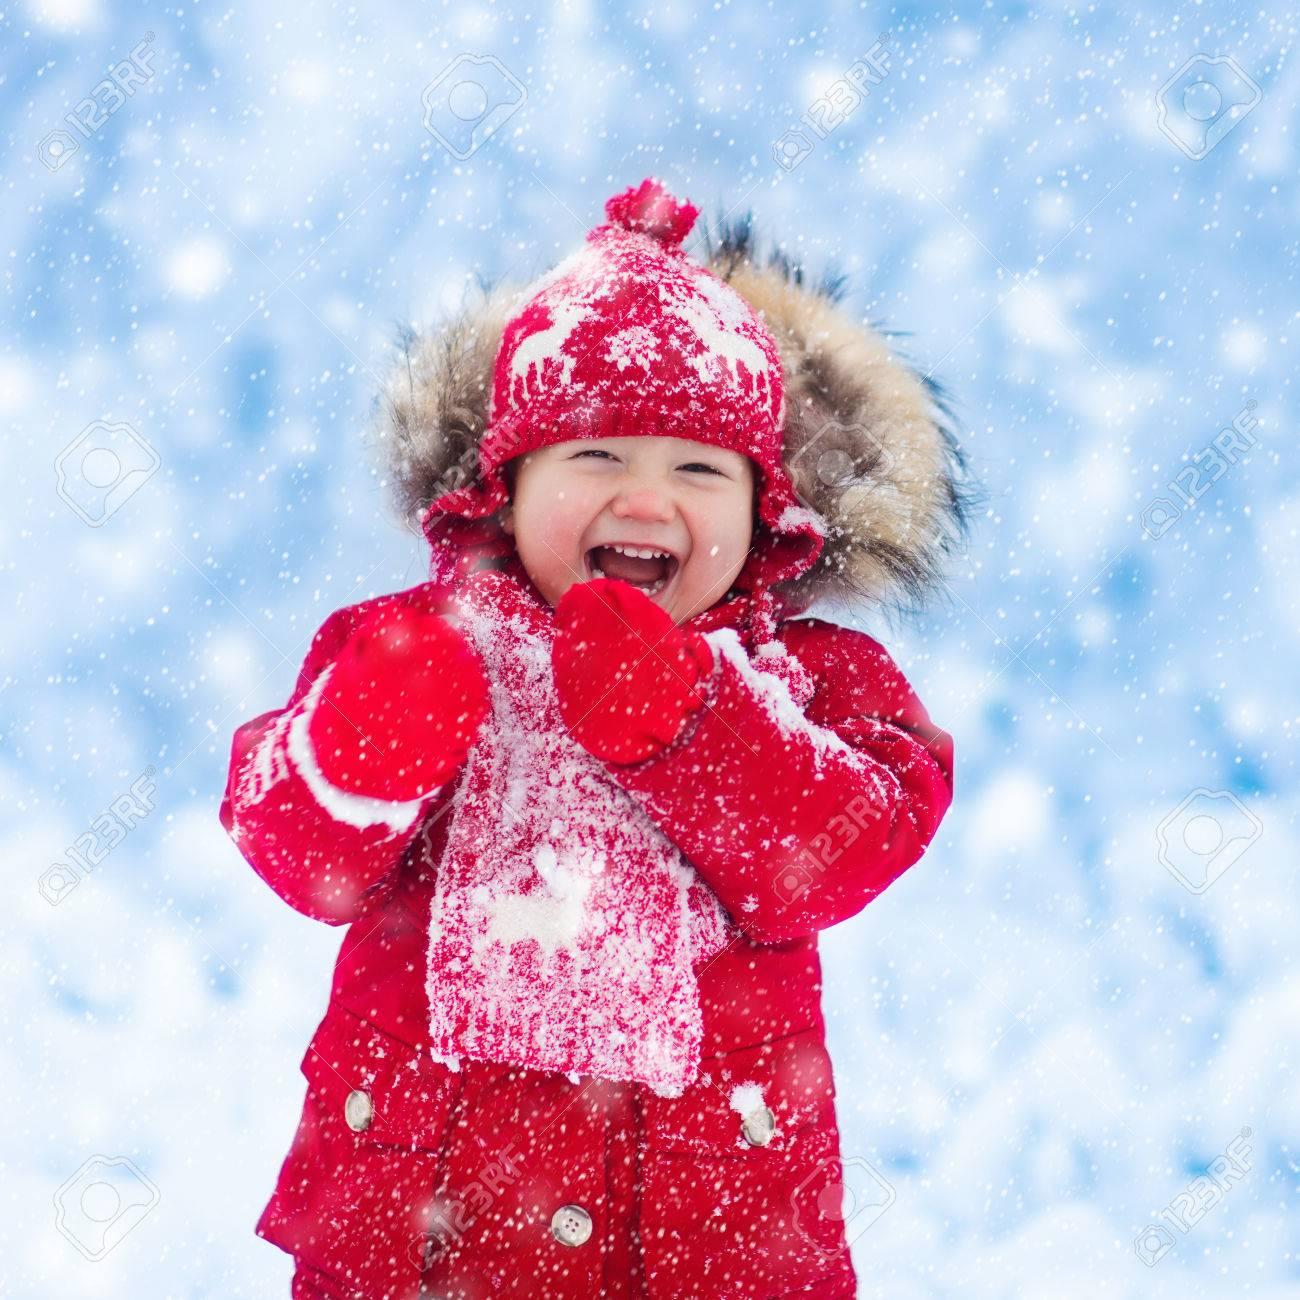 Bebé Que Juega Con Nieve En Invierno. Poco Muchacho Del Niño En La Chaqueta  Roja Y Renos De Navidad Sombrero Hecho La Captura De Copos De Nieve En El  Parque ... 8cf7a4ac5f8